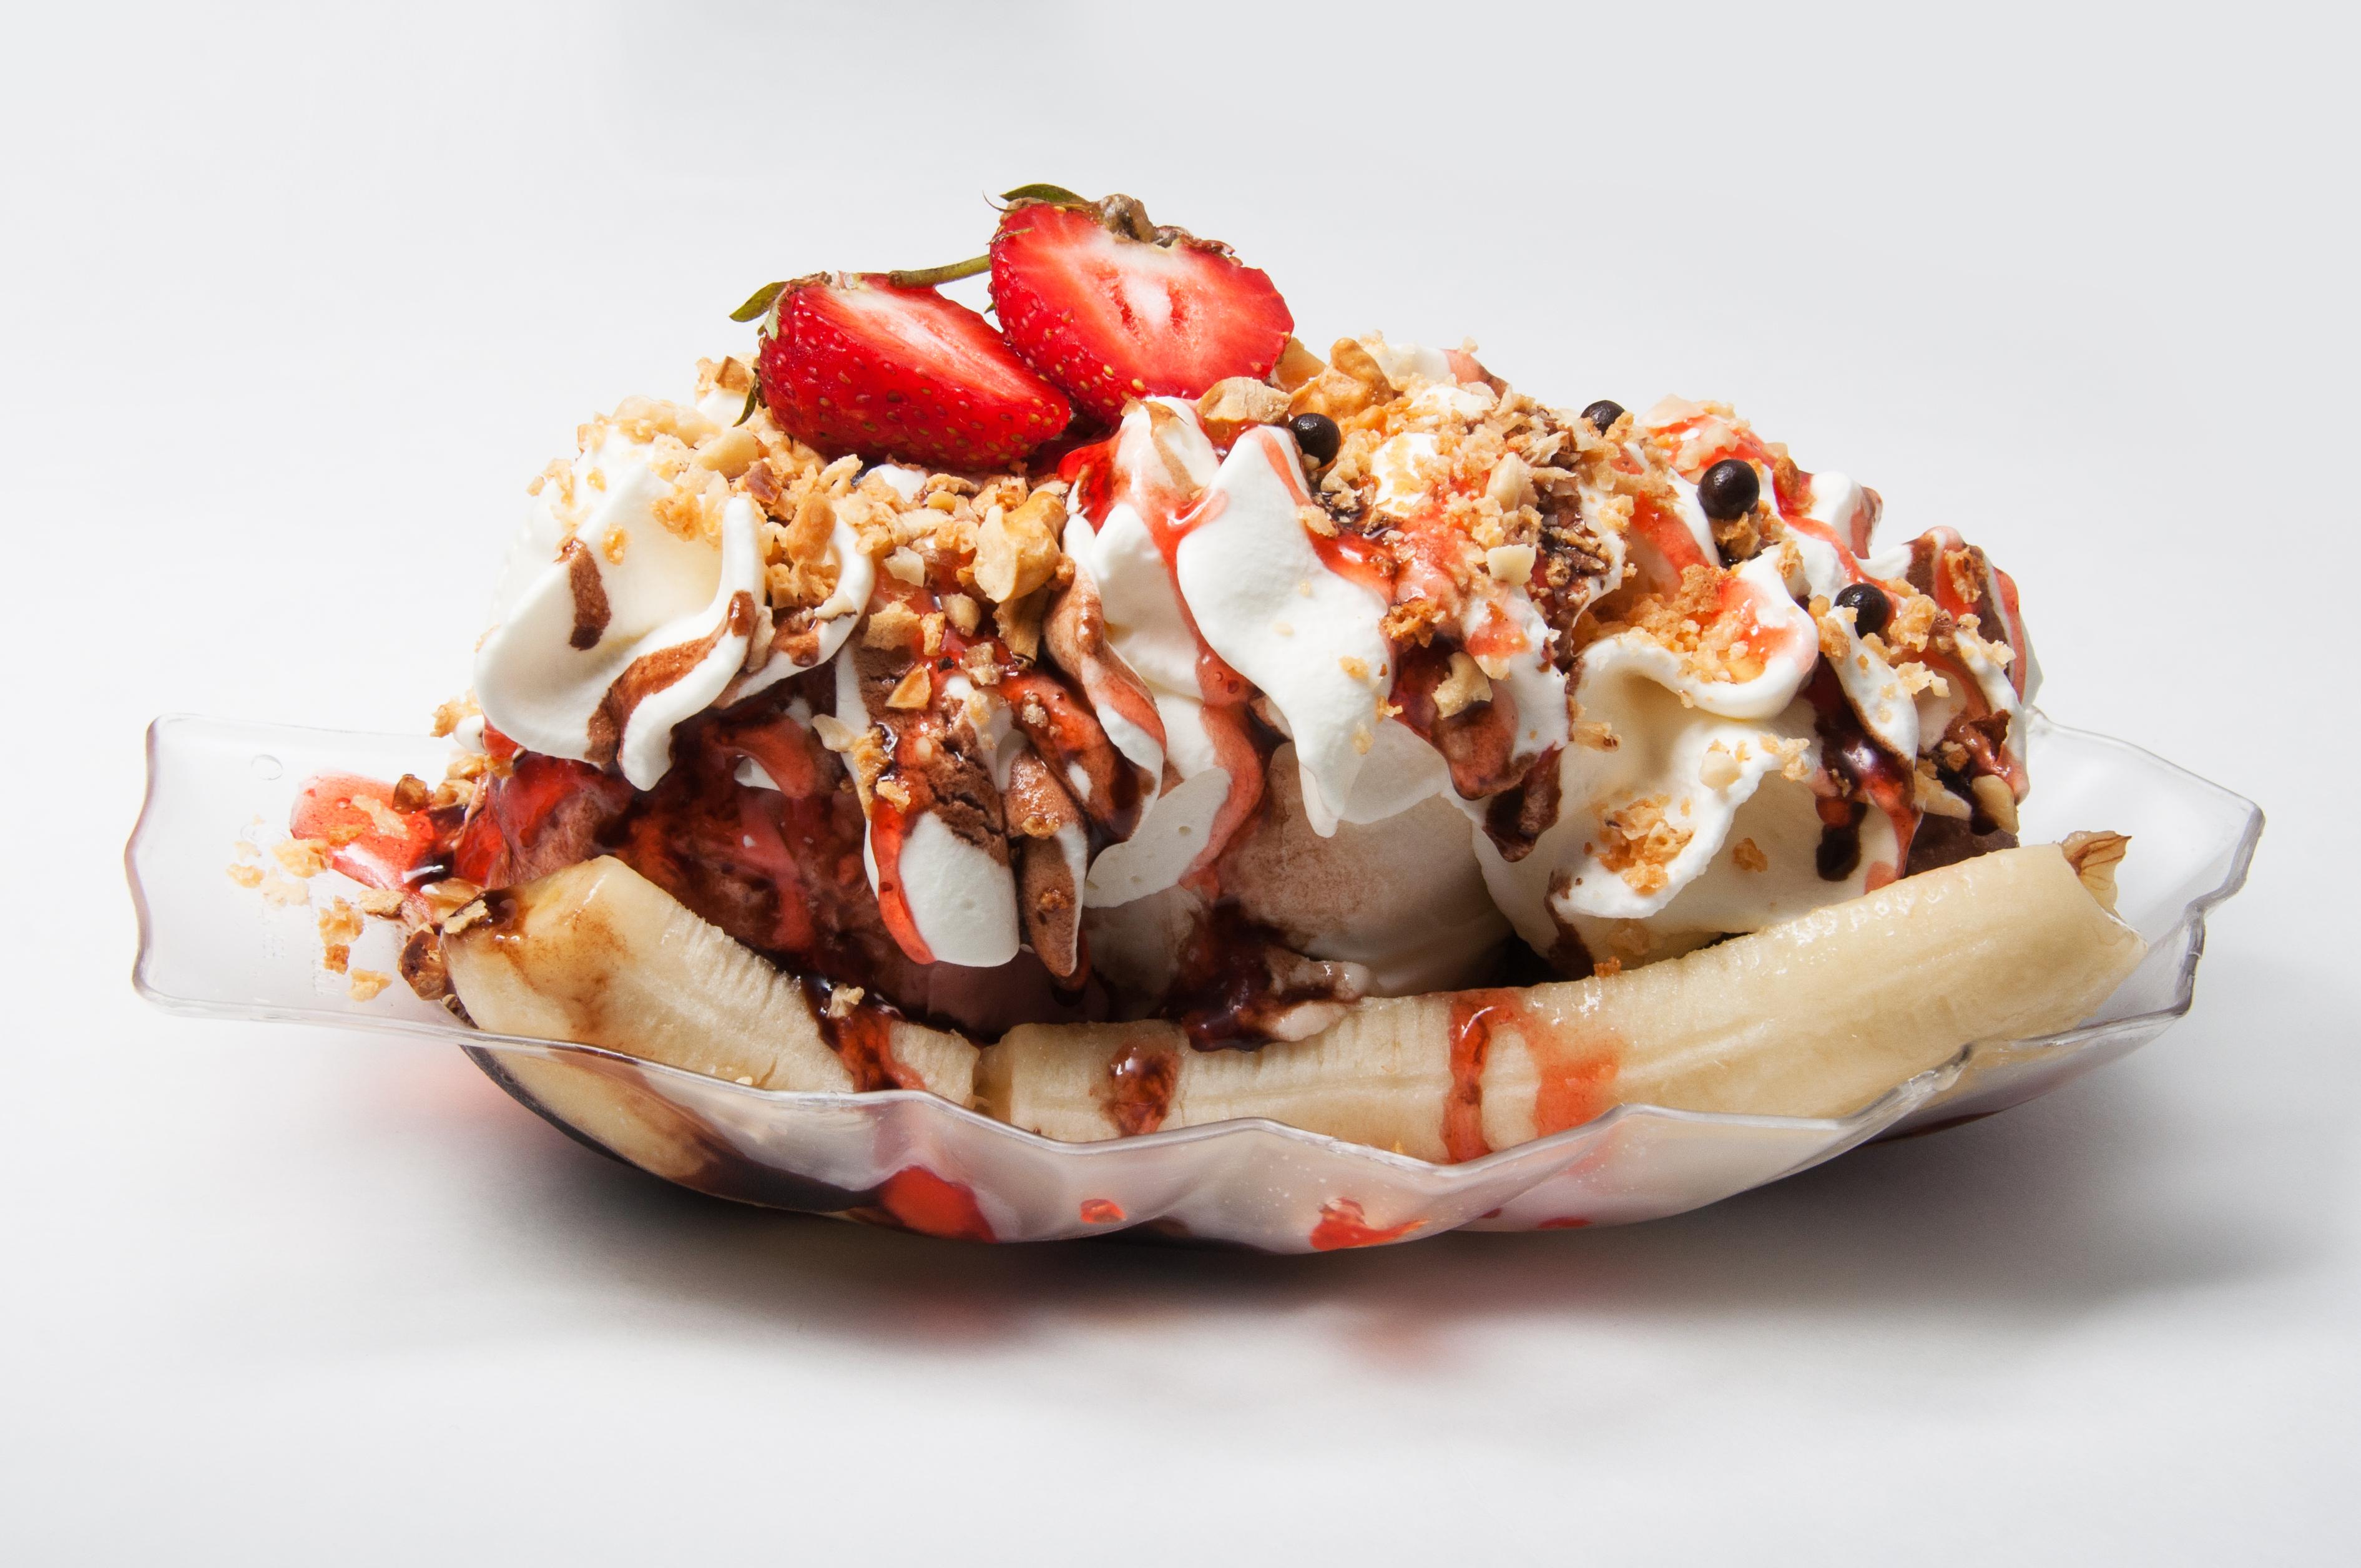 вкусное банановое мороженое